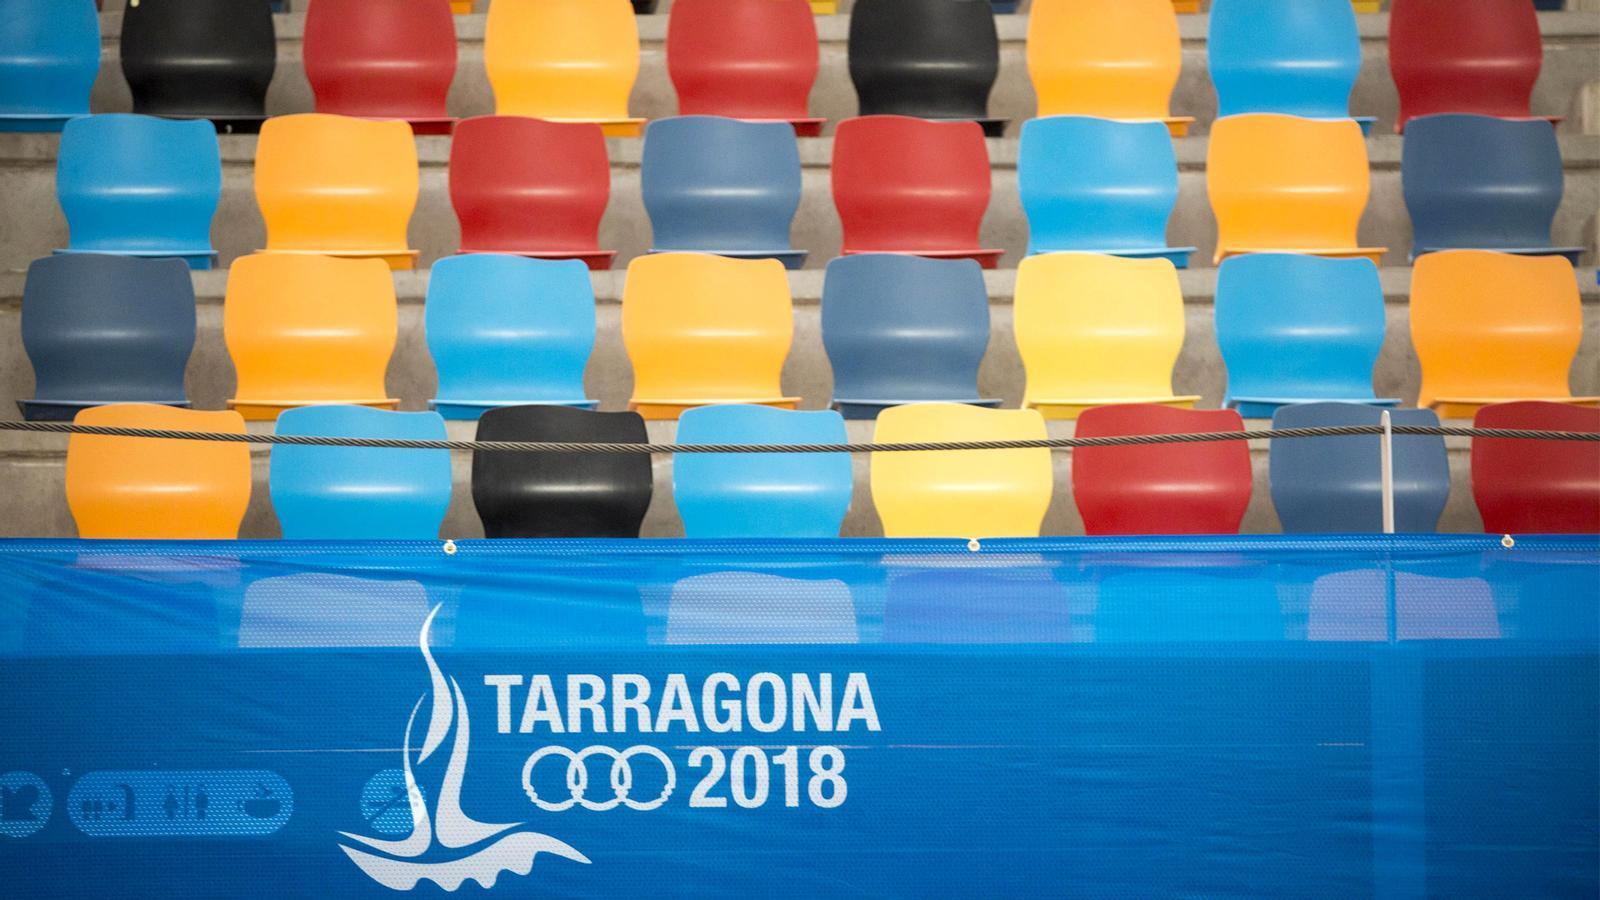 L'anàlisi d'Antoni Bassas: 'La decisió correcta de Torra'